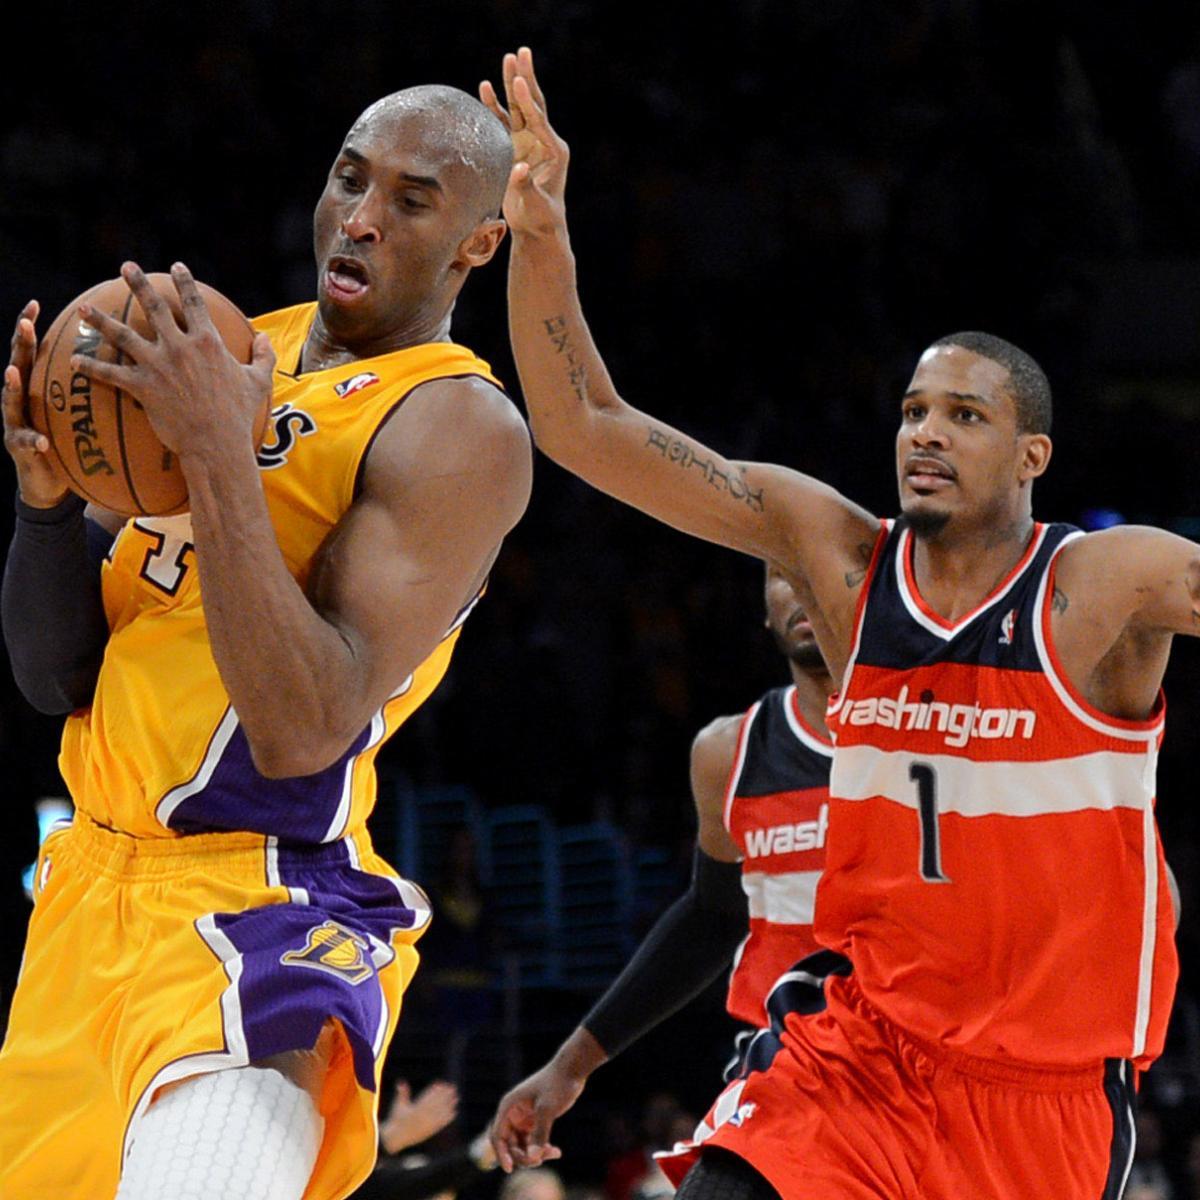 ce14bd922 Trevor Ariza Rocks Vintage Kobe Bryant Lakers Jersey While in Philadelphia